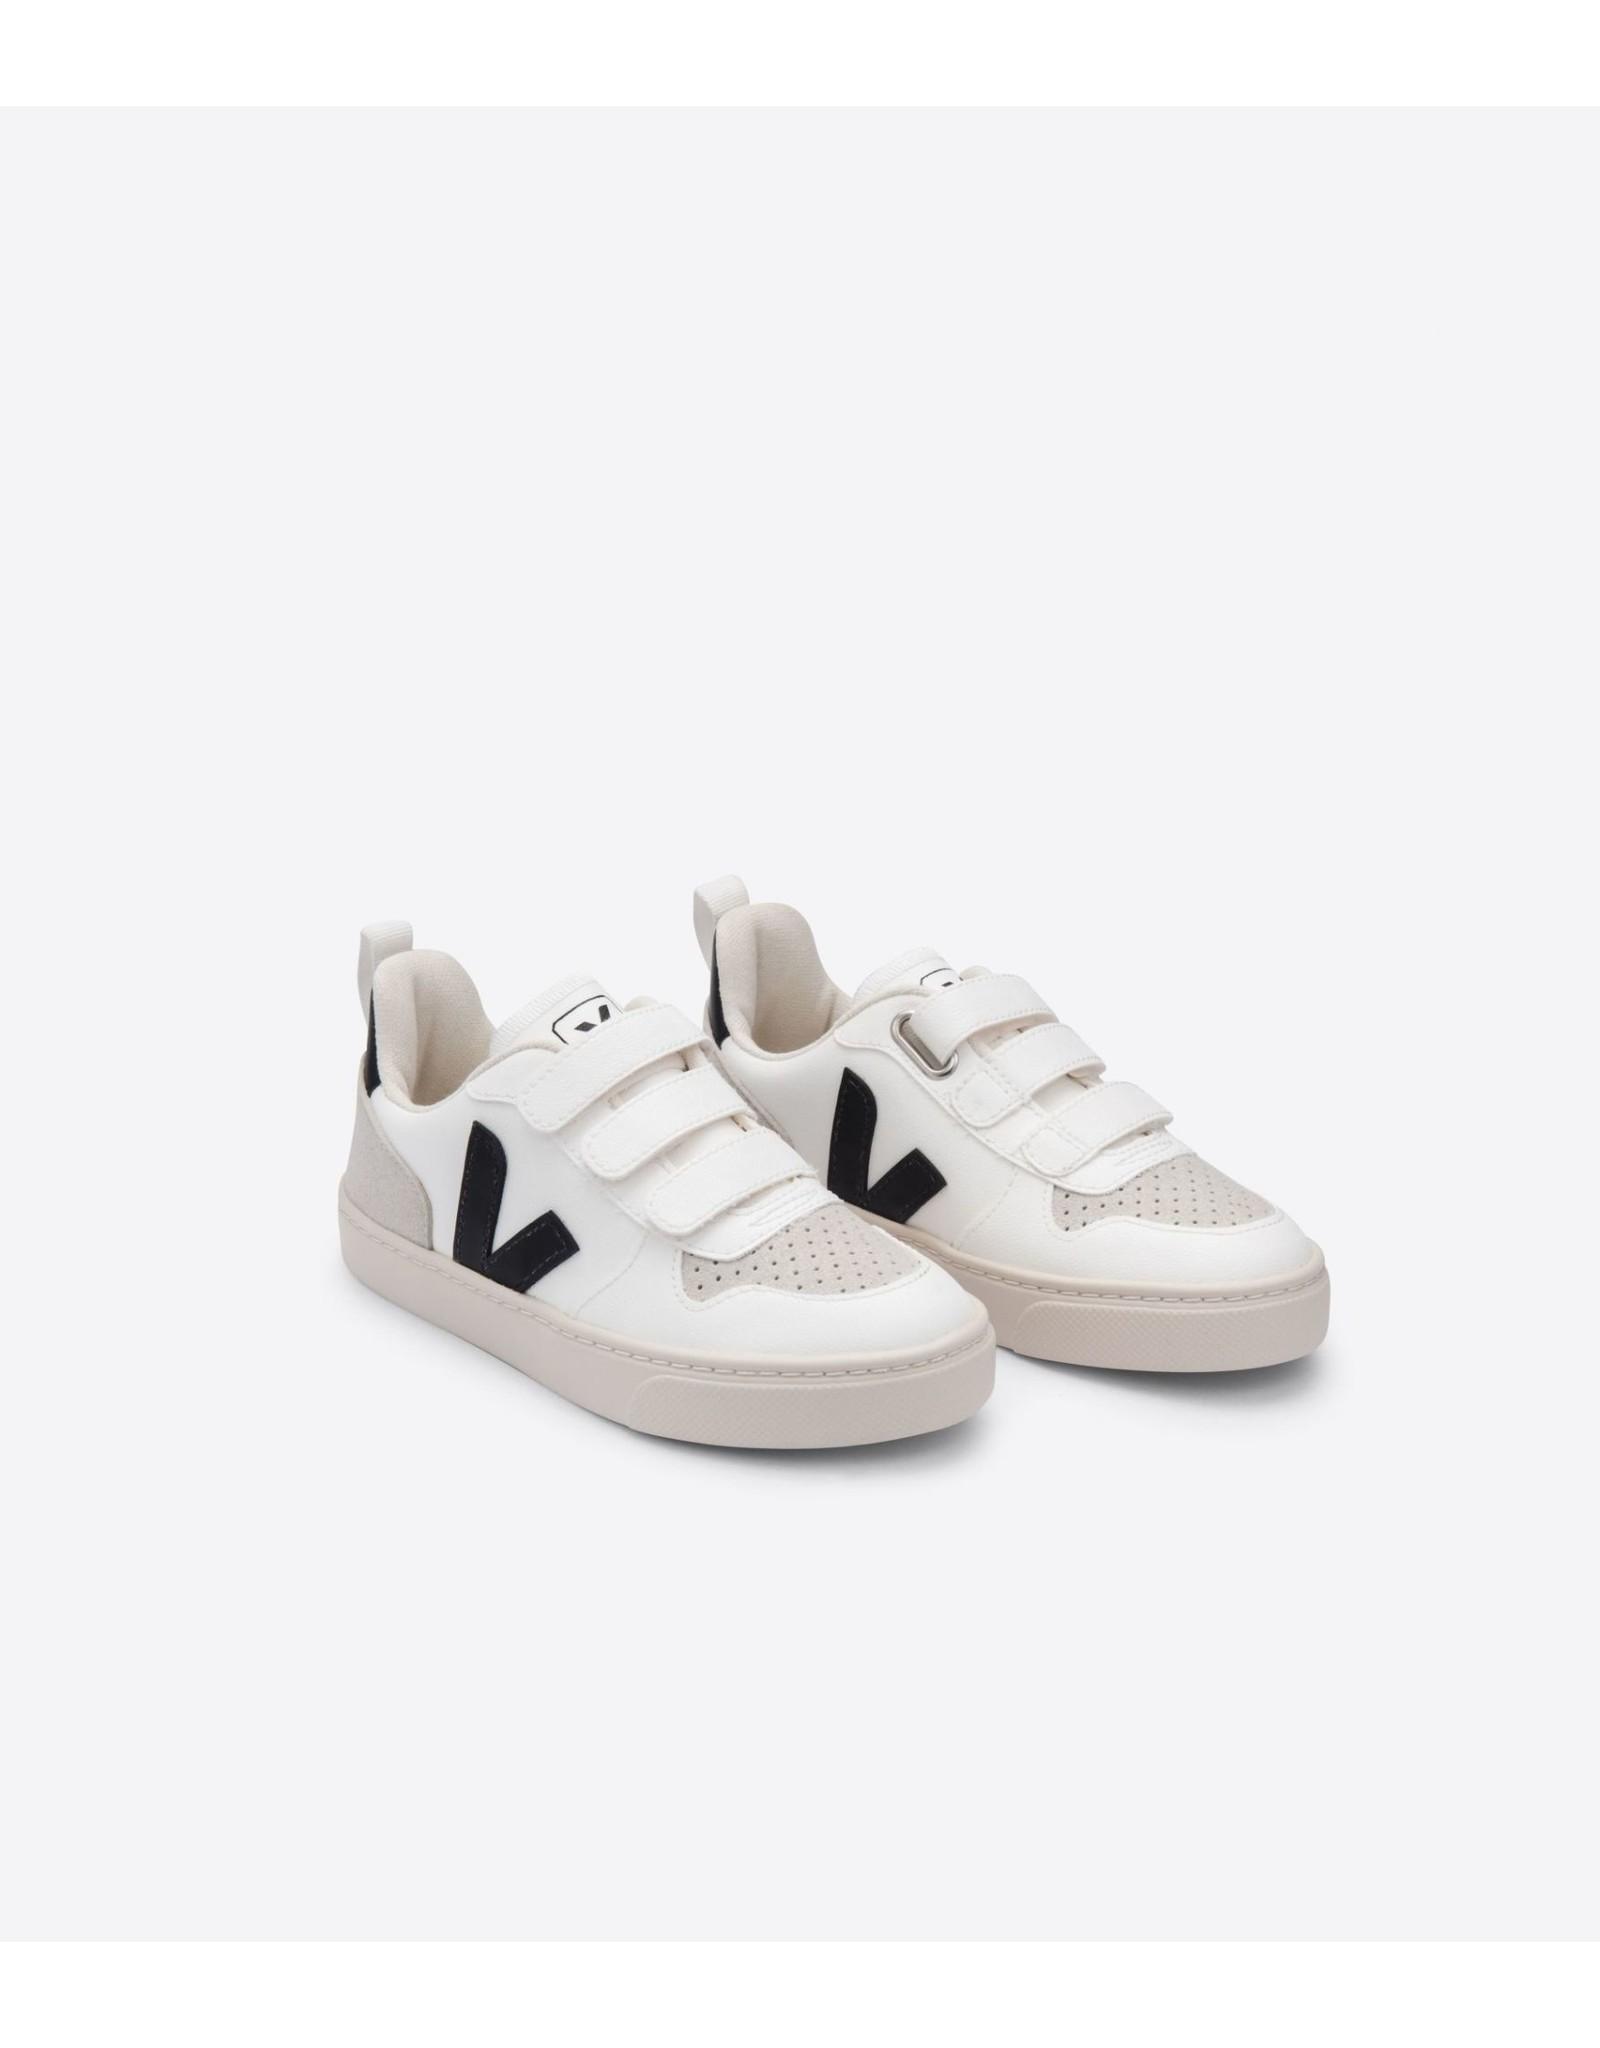 Veja V10 velcro clw white black